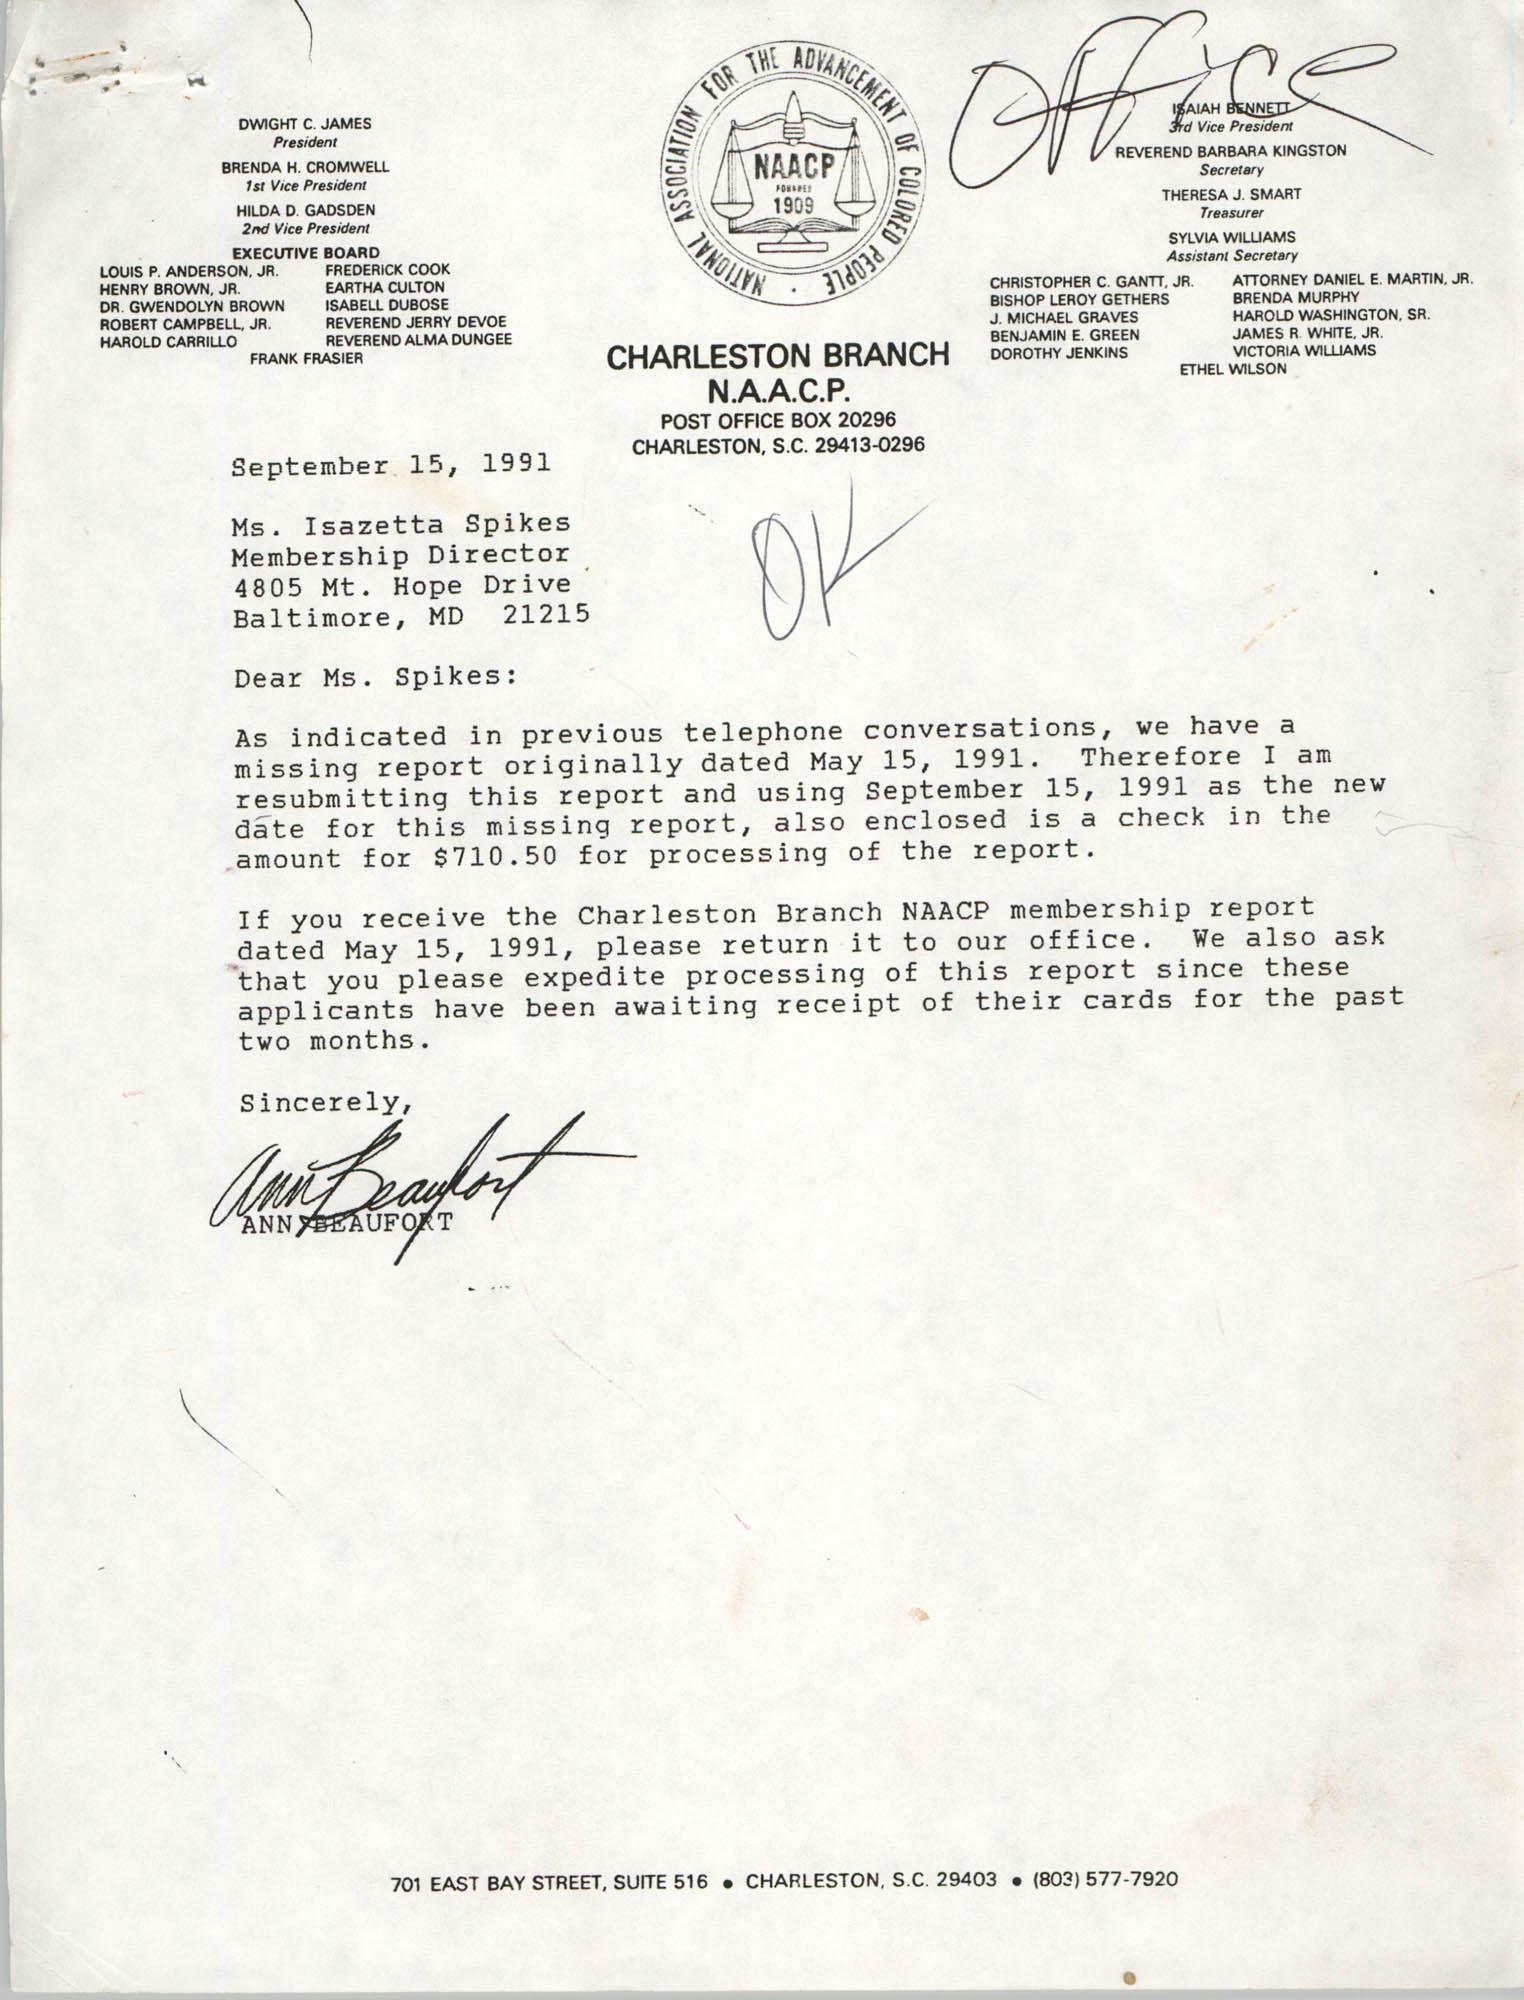 Letter from Ann Beaufort to Isazetta Spikes, September 15, 1991